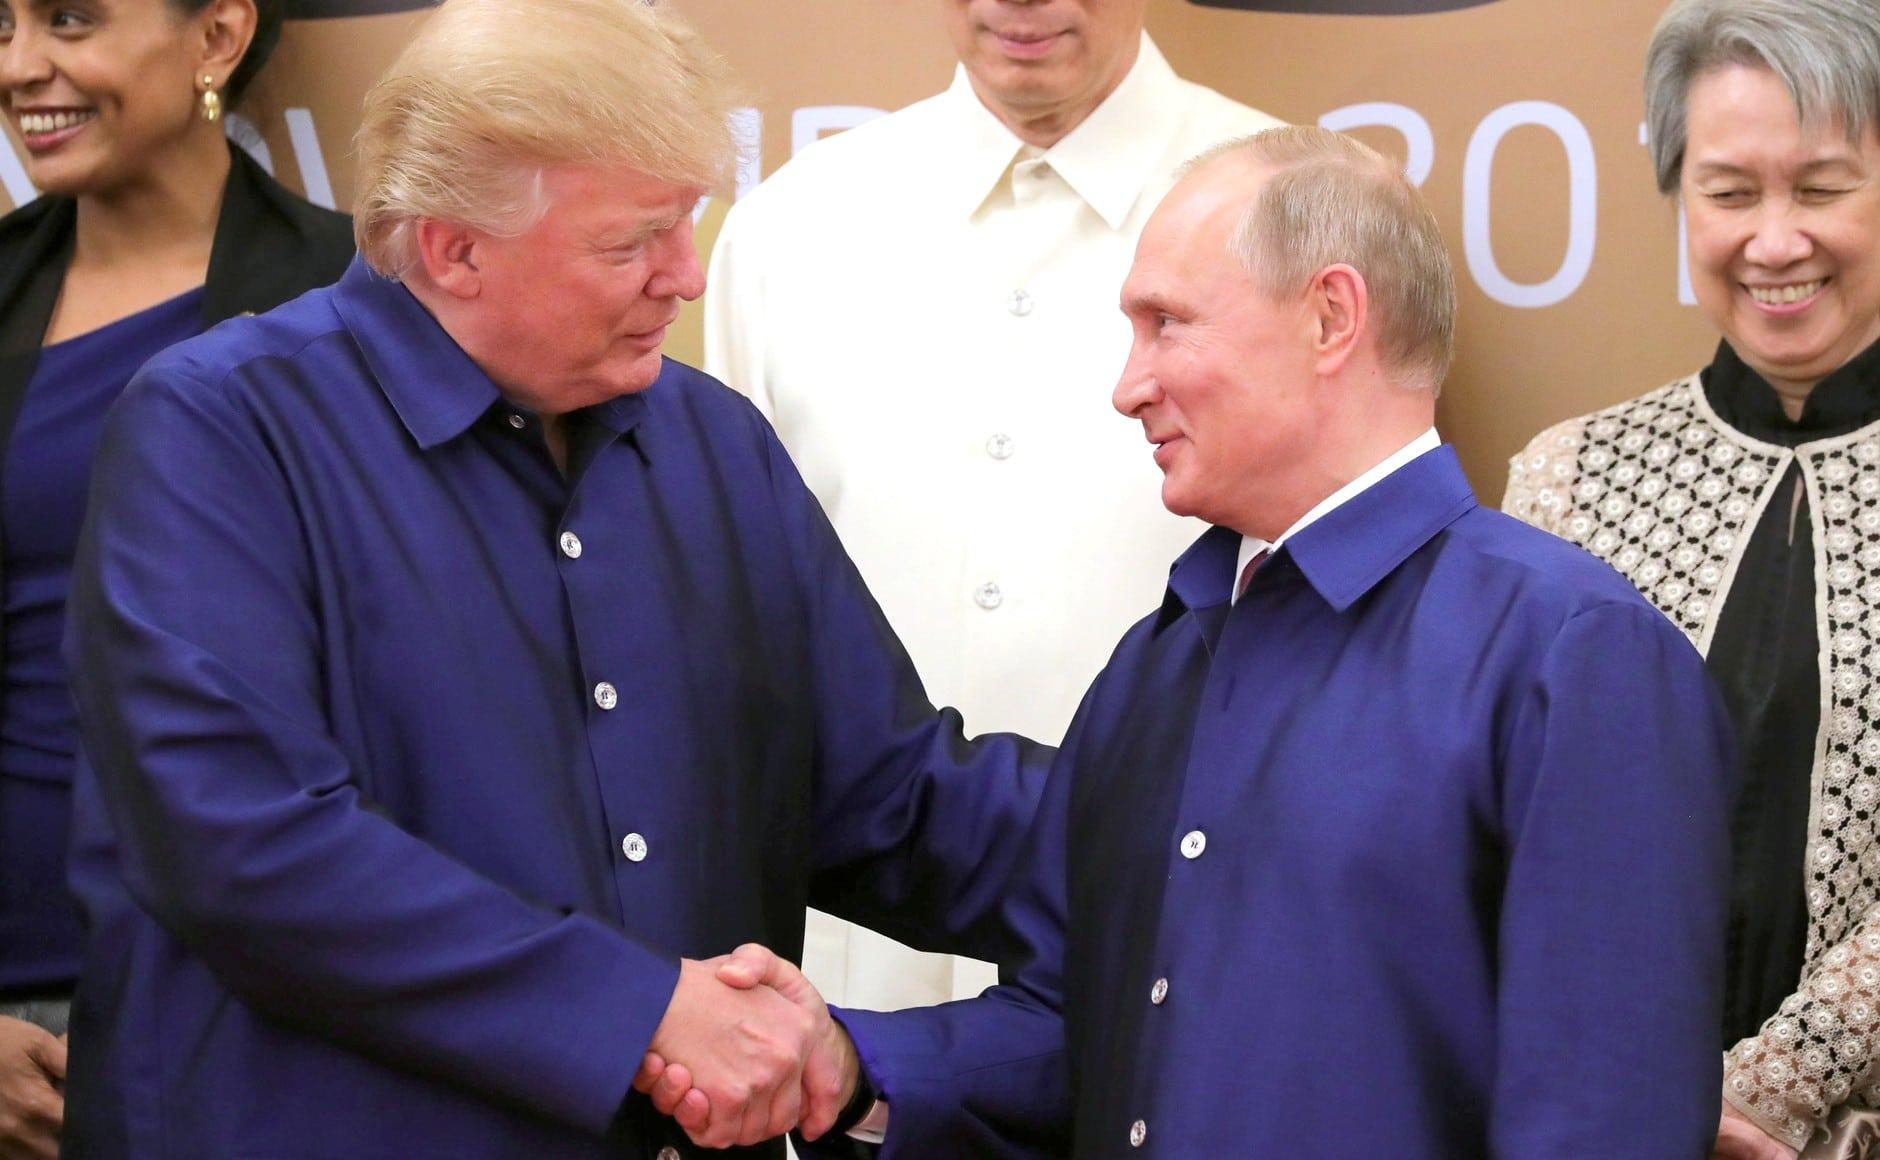 Moszkva és Washington is megerősítette a Putyin-Trump találkozót